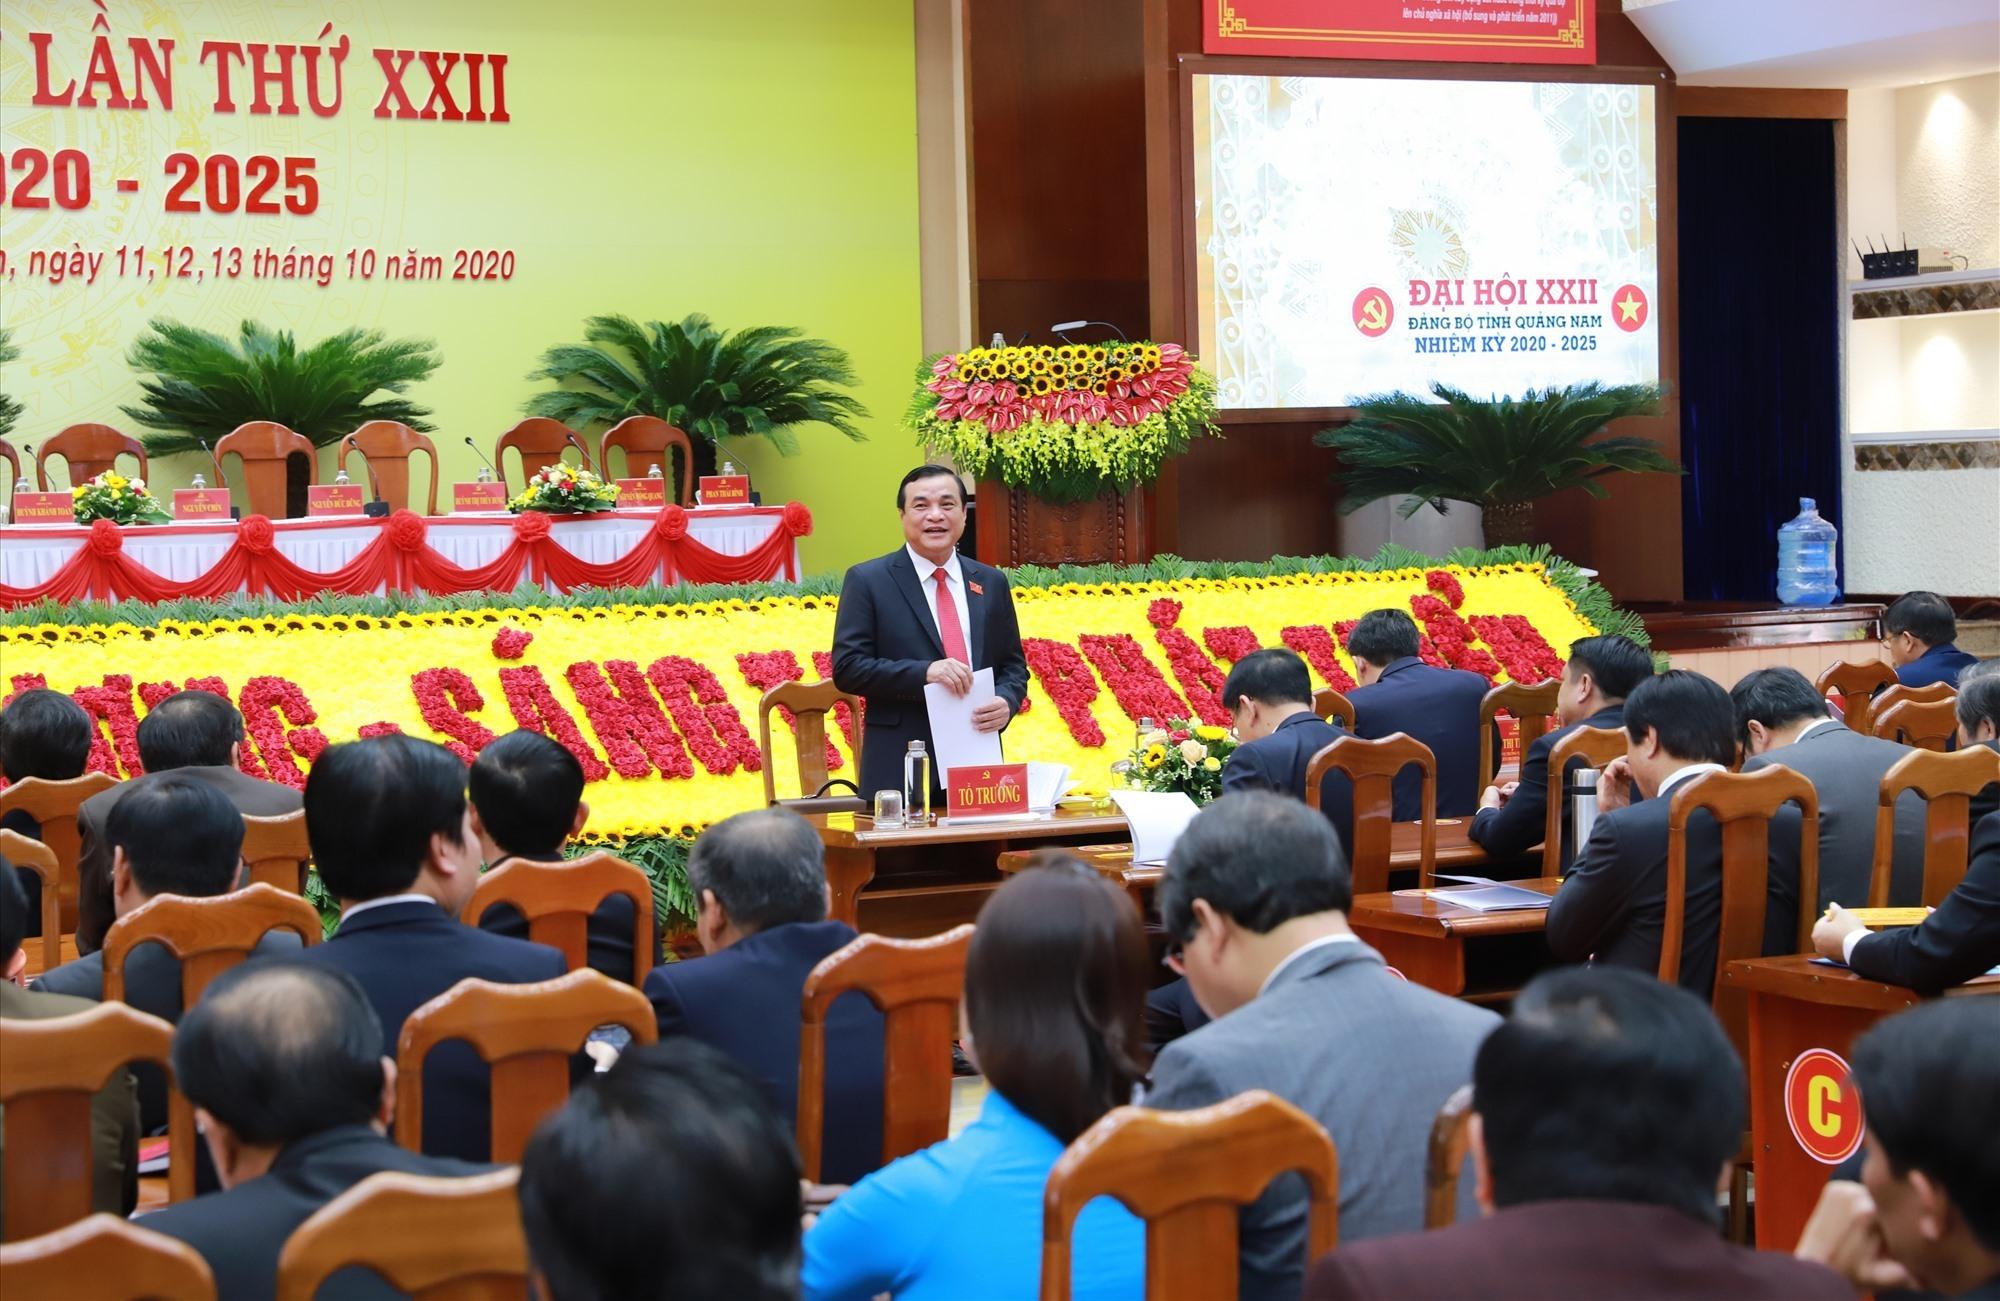 Bầu 53 đồng chí tham gia Ban Chấp hành Đảng bộ tỉnh Quảng Nam khóa XXII (nhiệm kỳ 2020 - 2025)